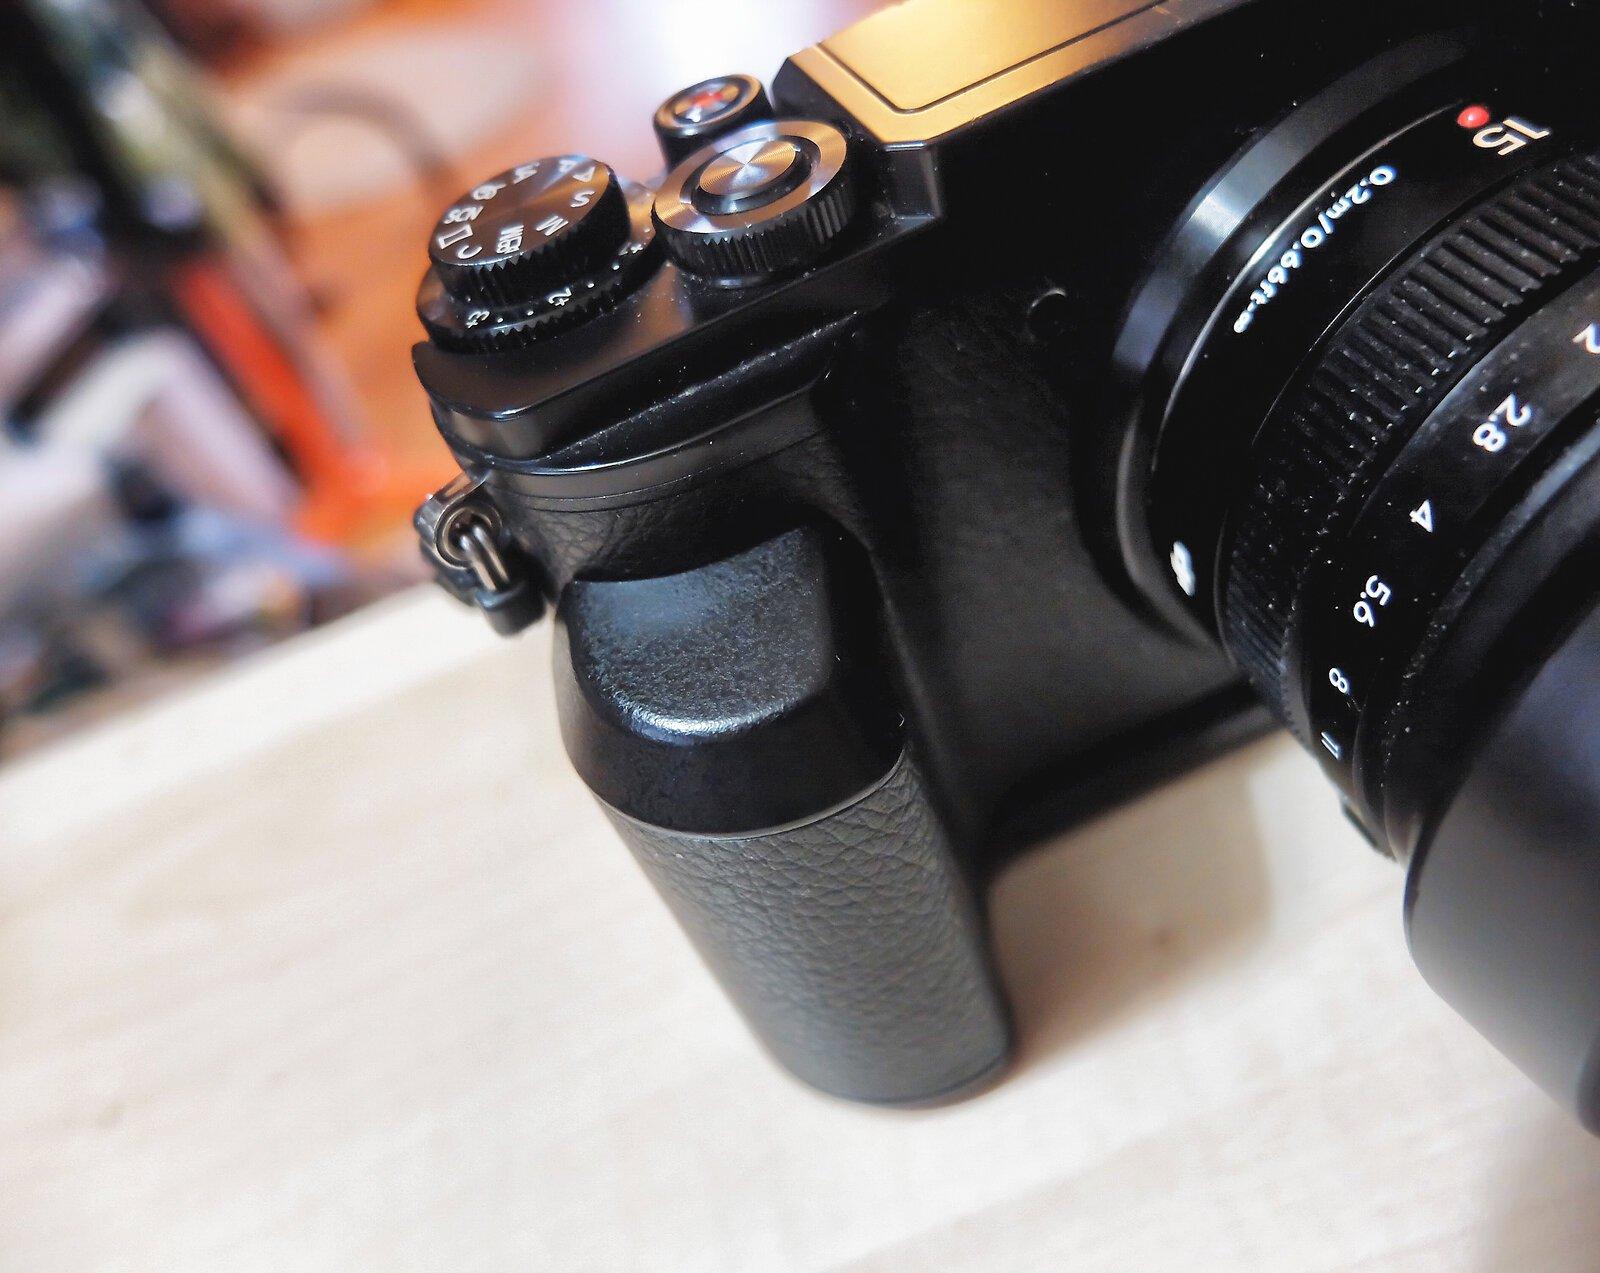 GX9_grip.jpg